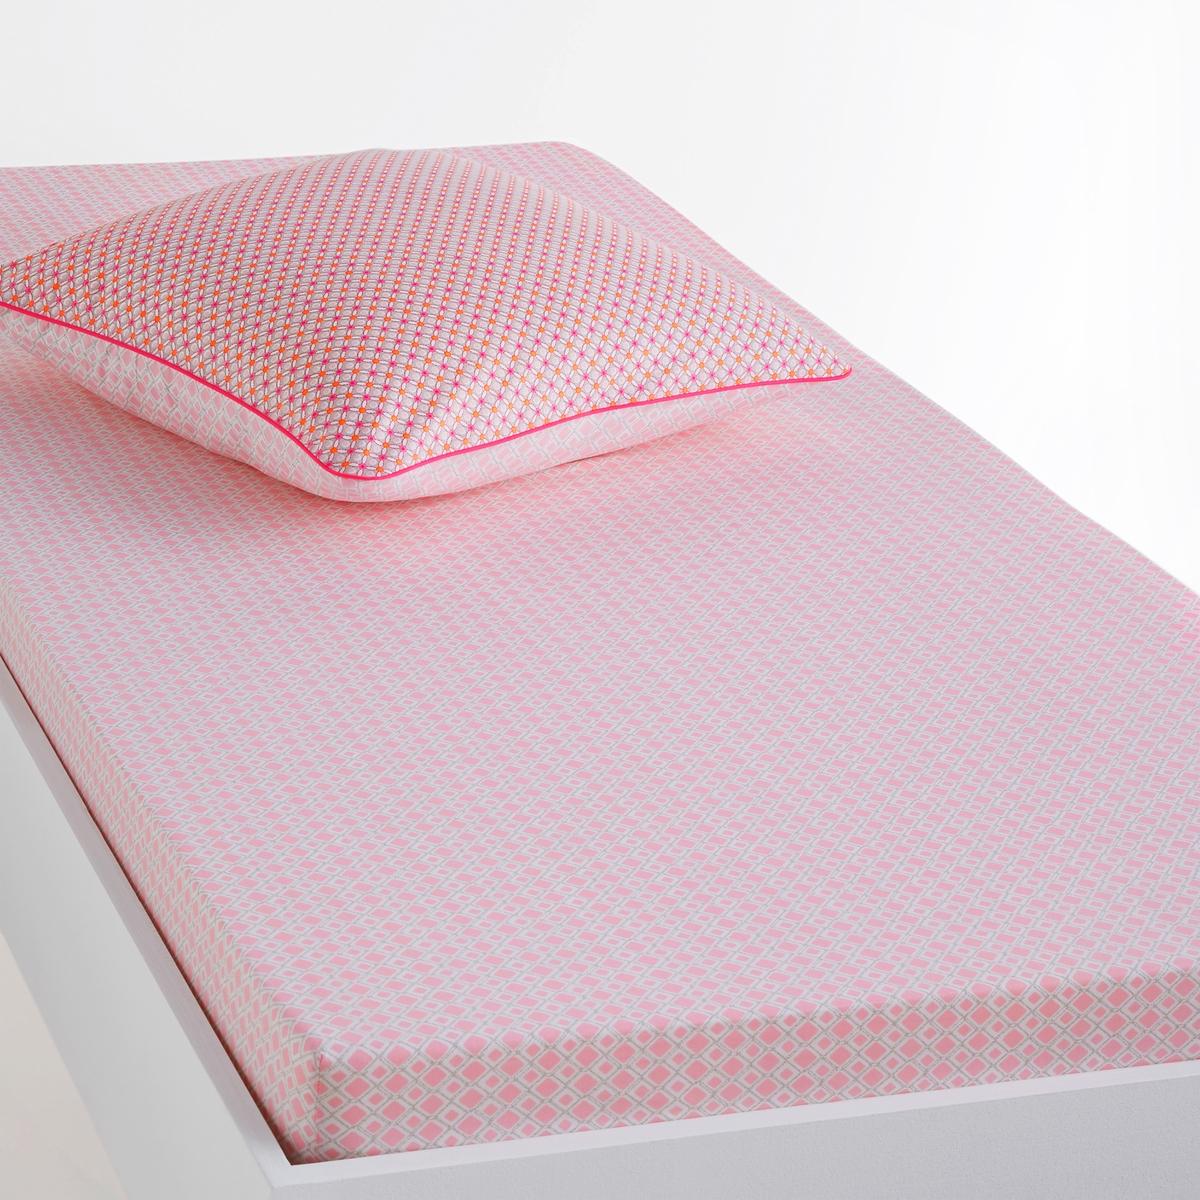 Простыня натяжная с рисунком, LioubiaСостав, описание и уход:  : 100% хлопок, 57 нитей/см2.Чем больше нитей/см2, тем выше качество ткани.Машинная стирка при 60 °С.Мелкий геометрический узор.Размеры : 90 x 190 см : 1-спЗнак Oeko-Tex® гарантирует отсутствие вредных для здоровья веществ в протестированных и сертифицированных изделиях.<br><br>Цвет: наб. рисунок/ розовый<br>Размер: 90 x 190  см